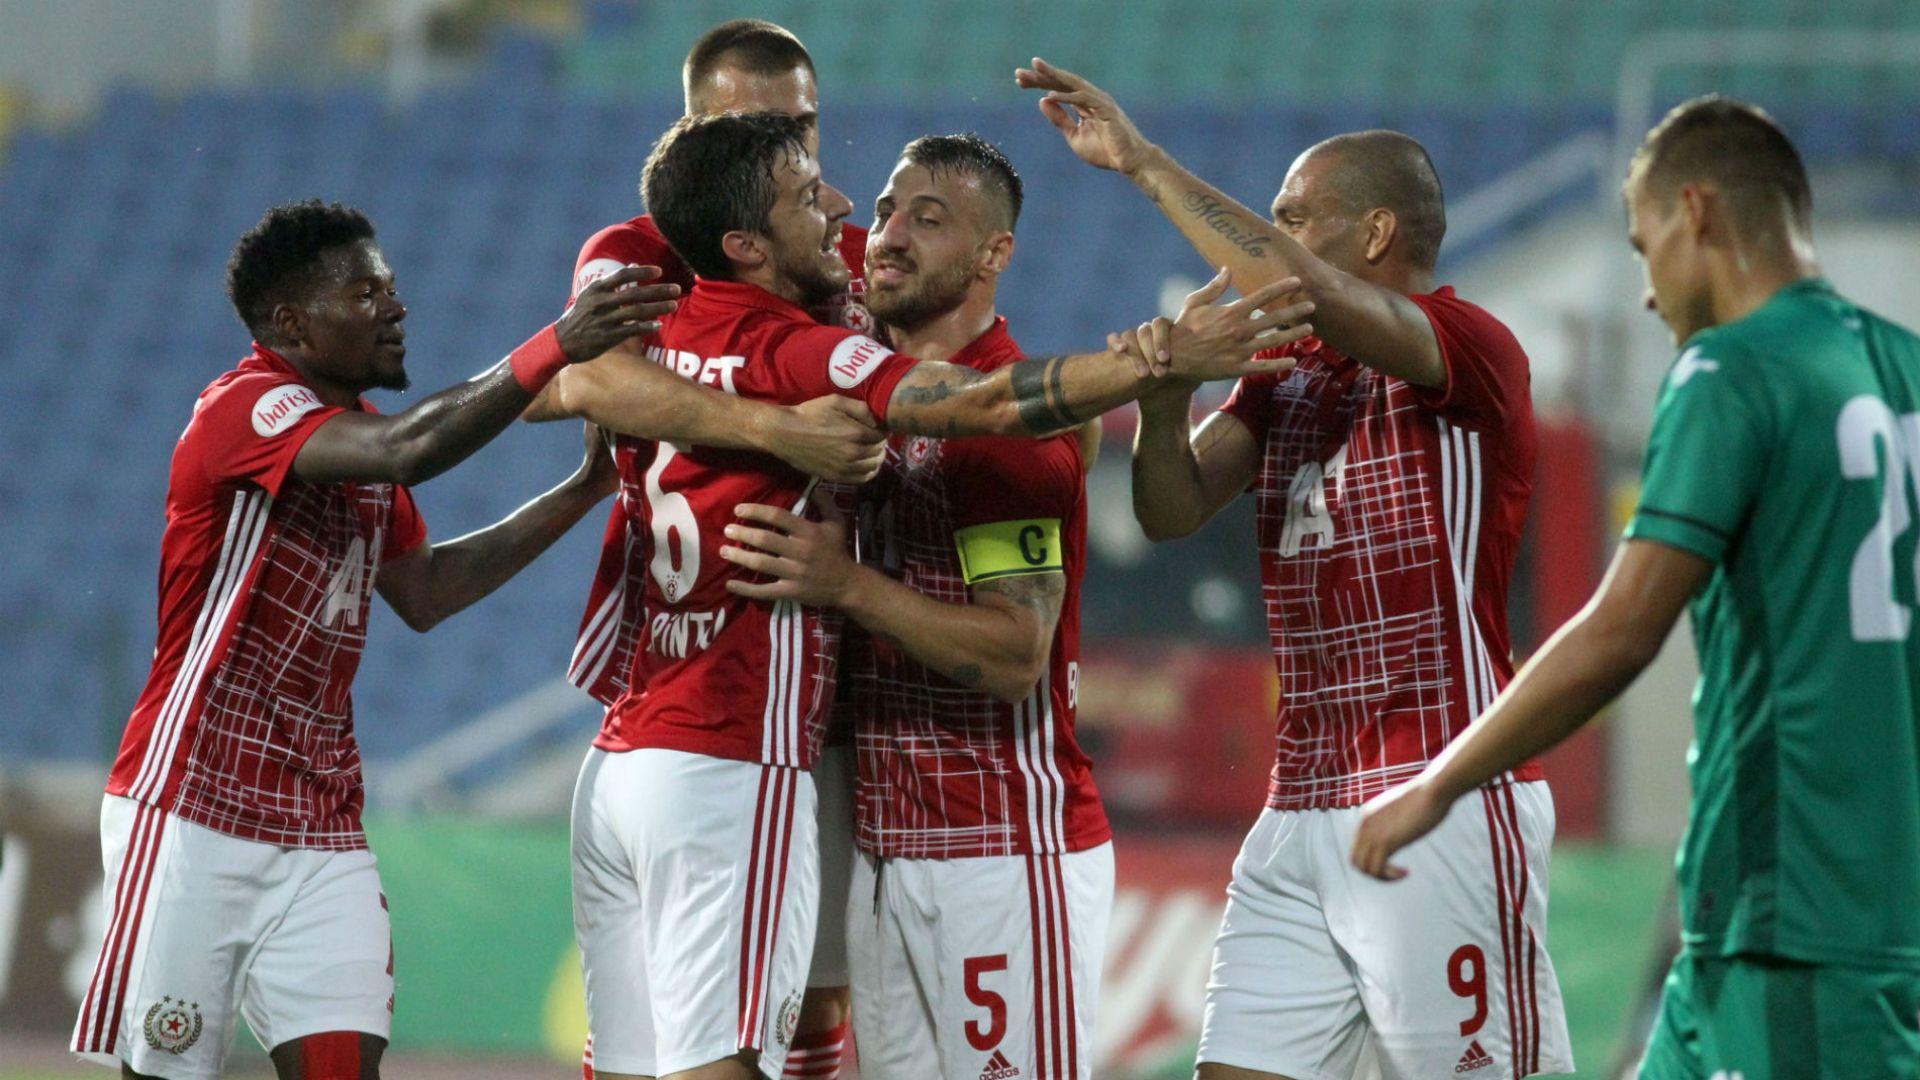 Ранни португалски попадения донесоха нов успех на ЦСКА